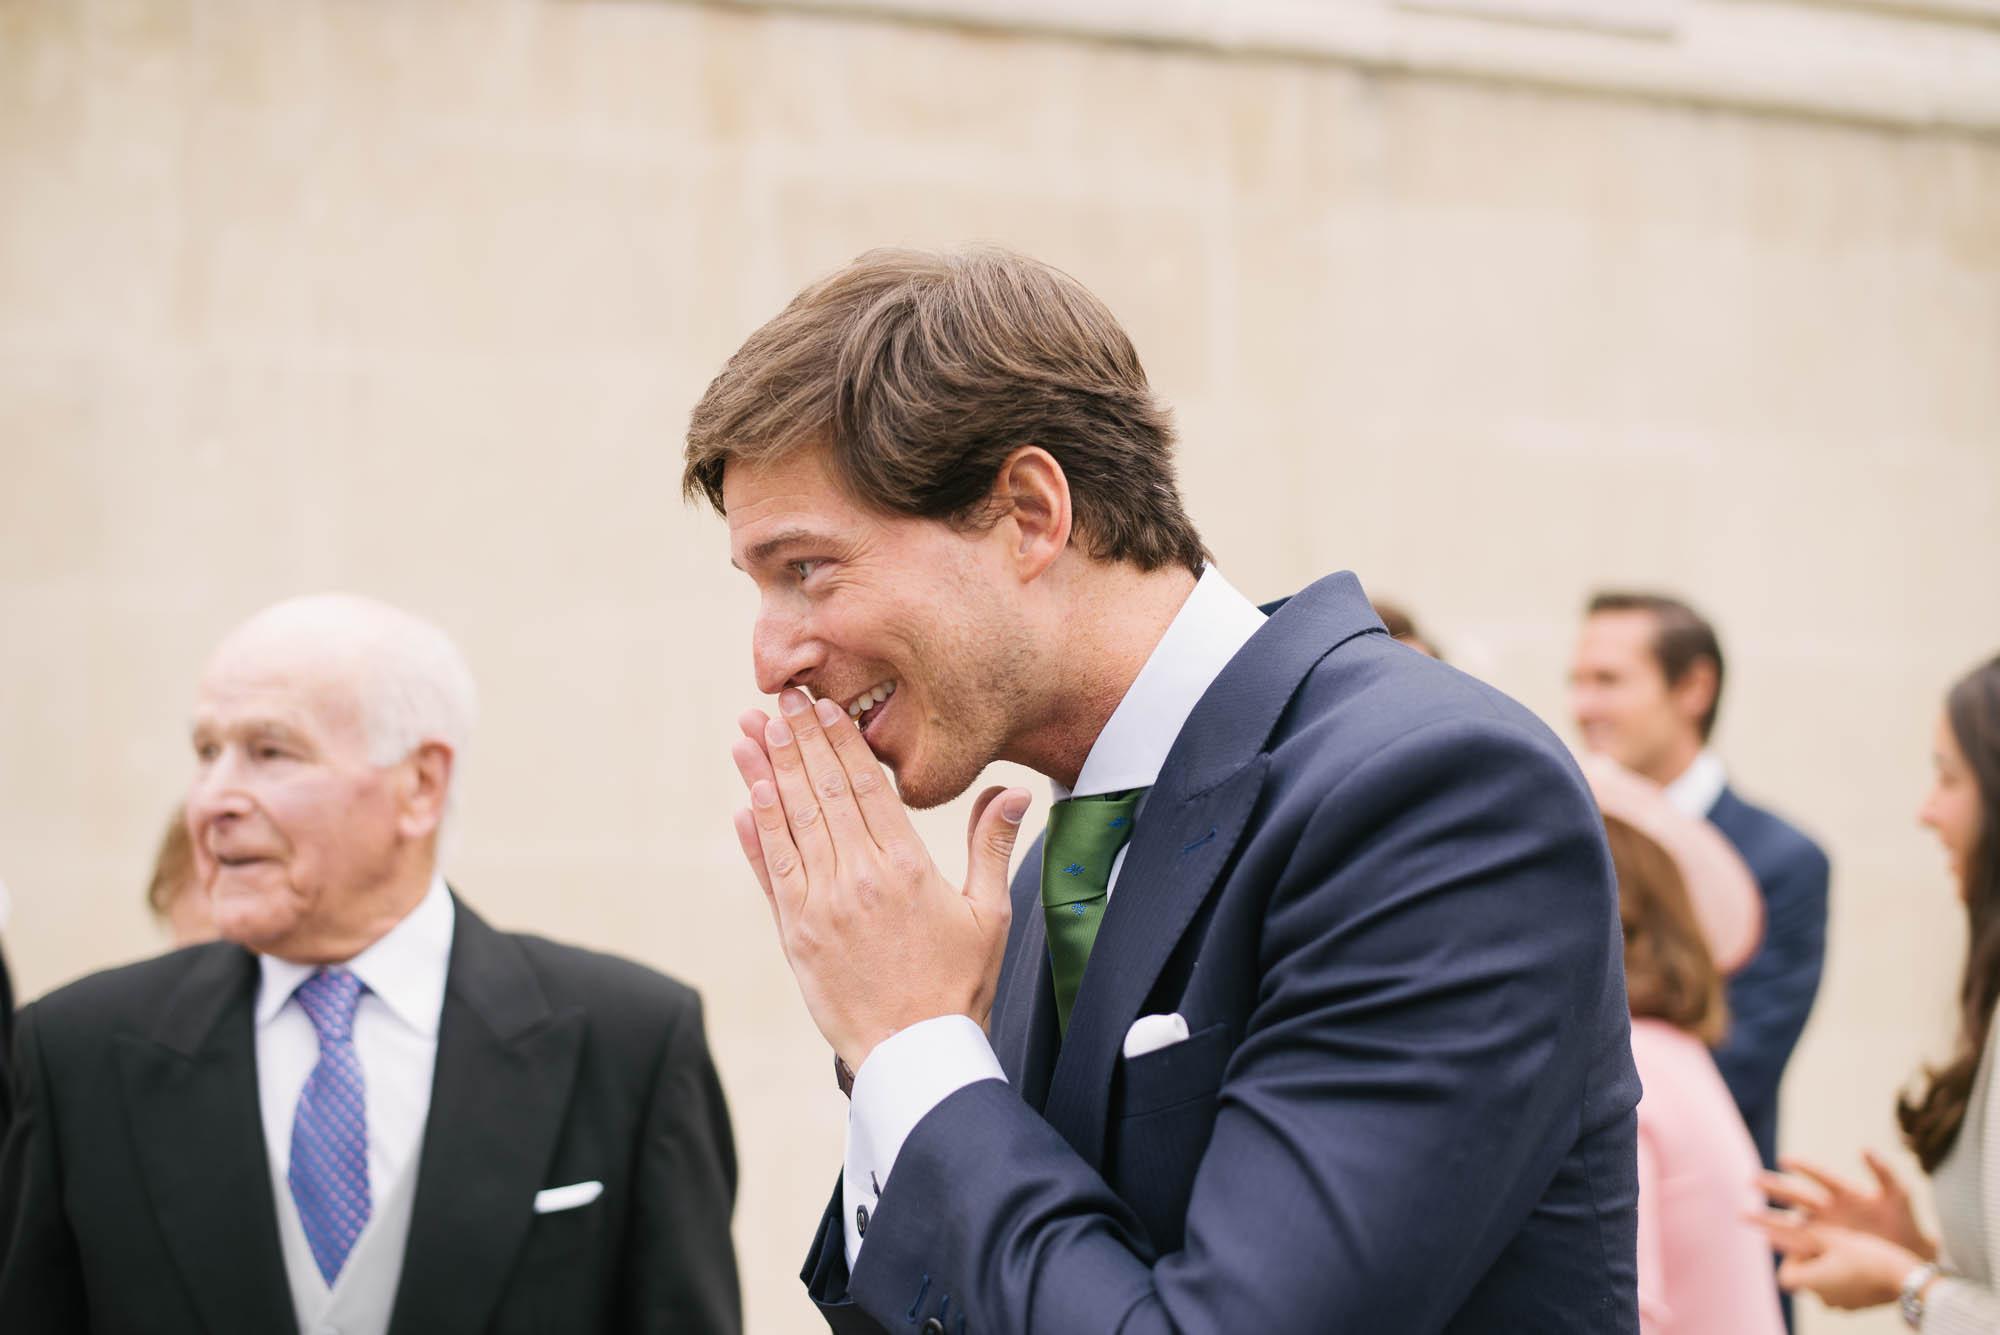 El novio nervios antes de la ceremonia